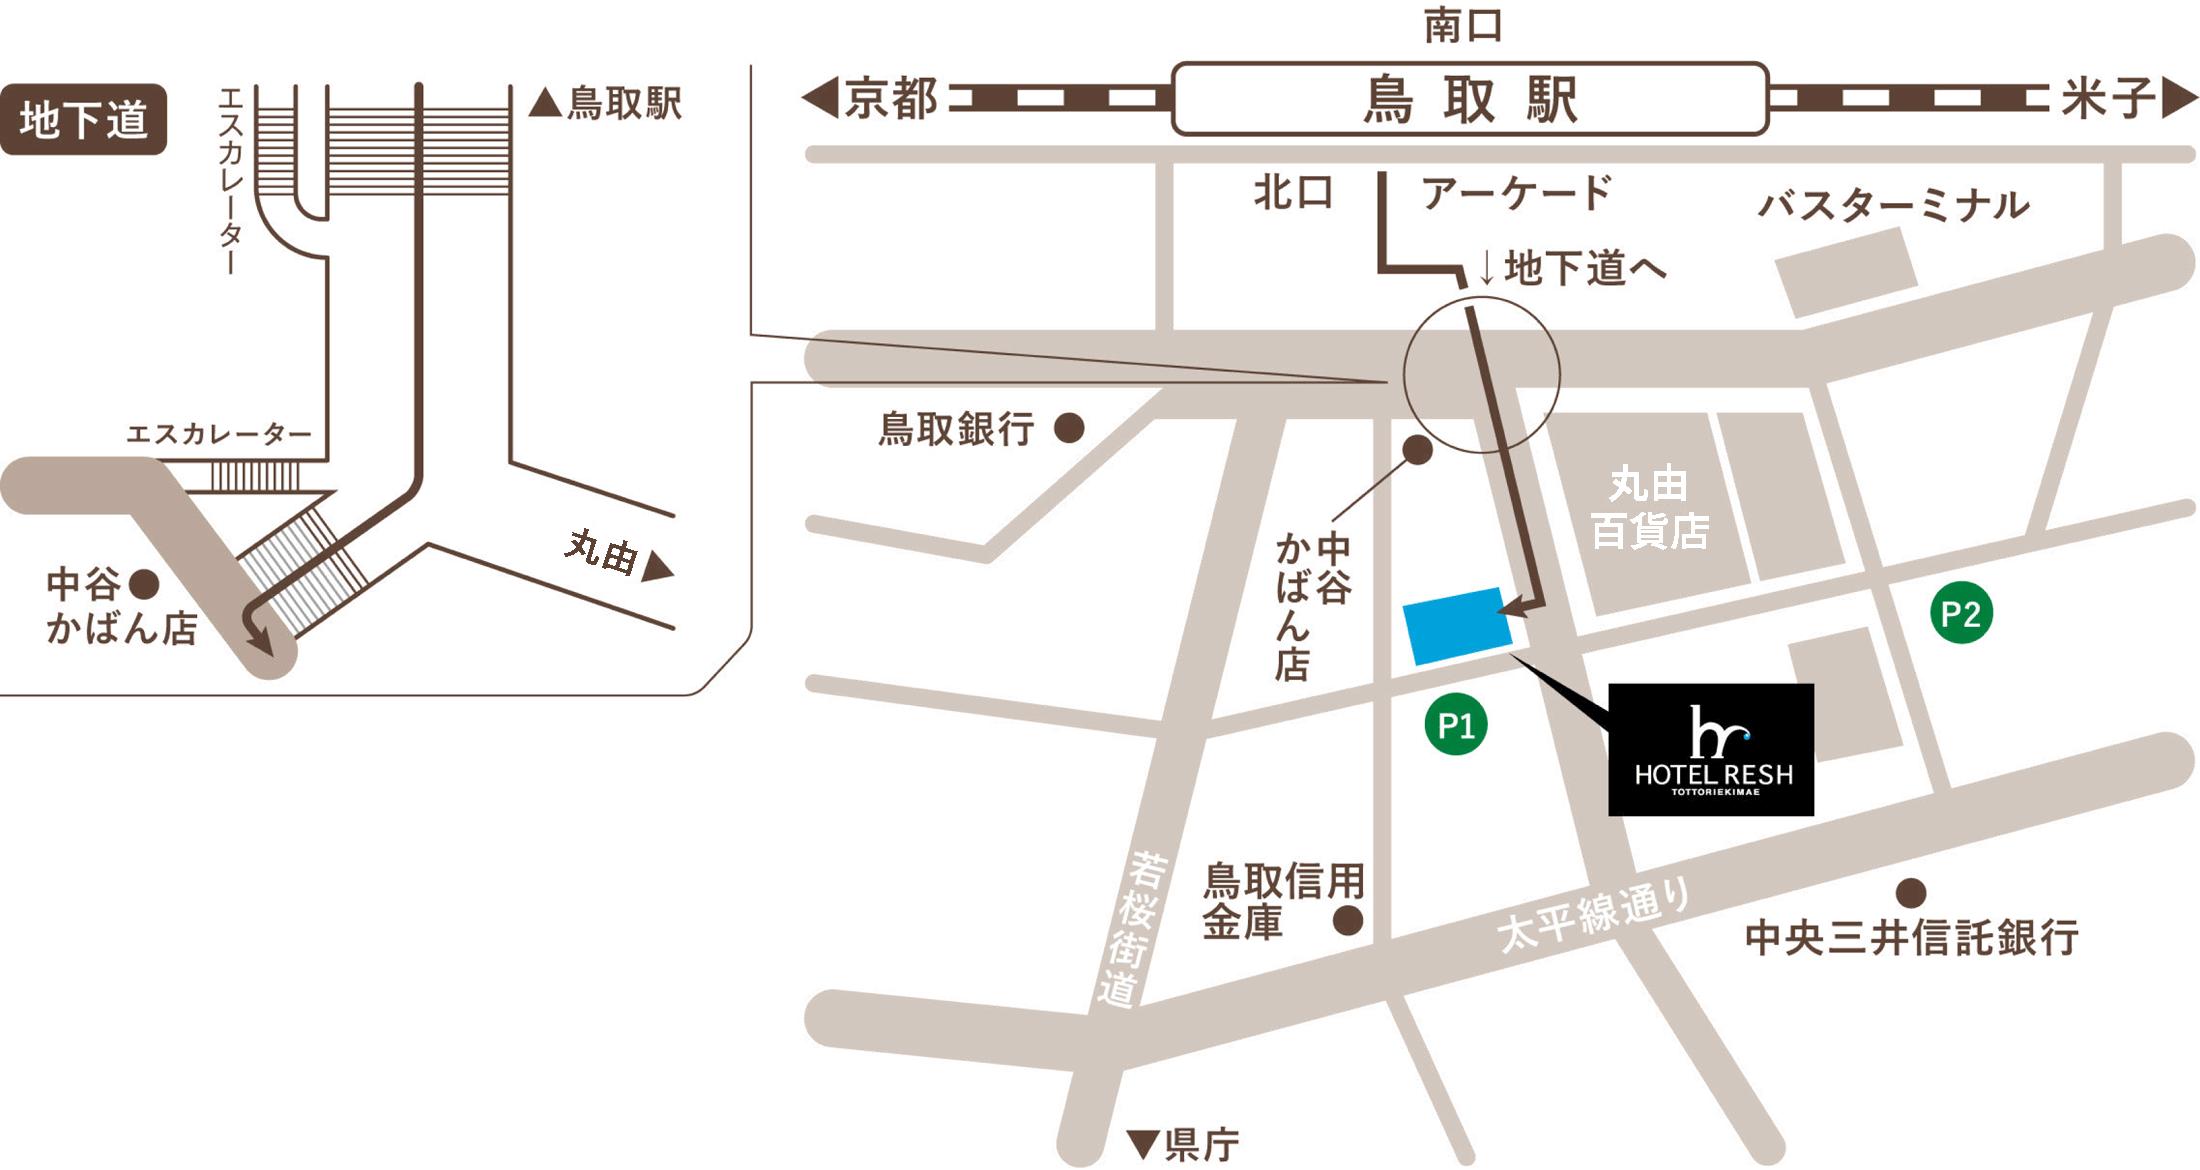 アクセス JR鳥取駅から徒歩2分